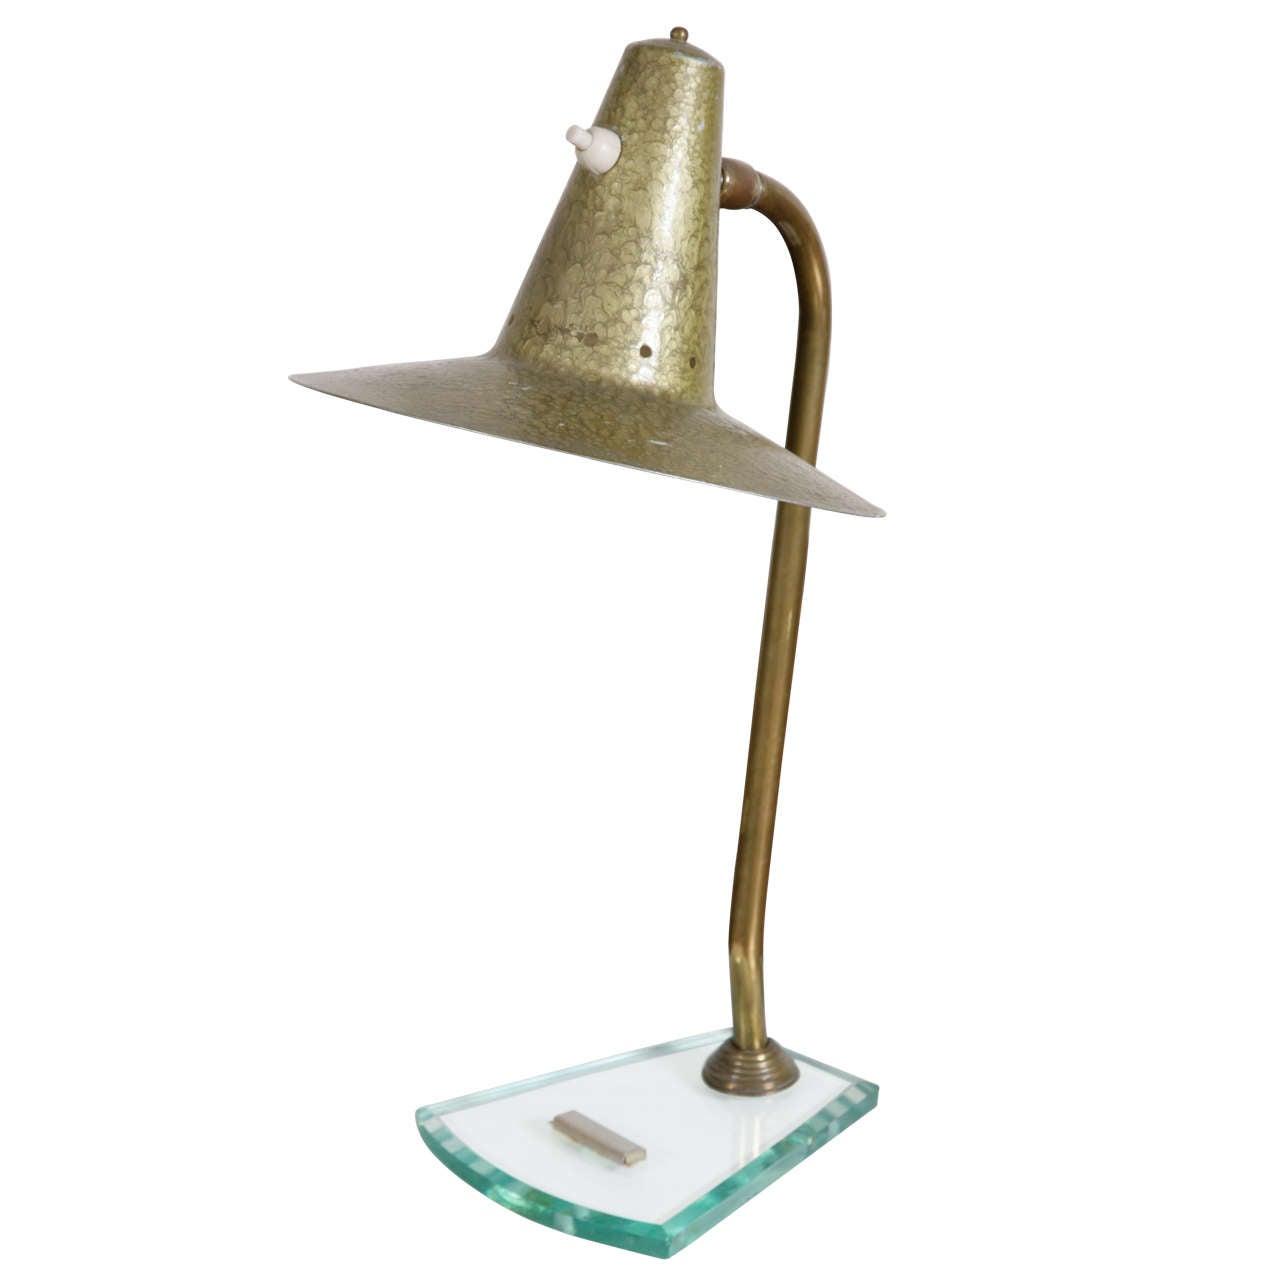 Mid Century Italian Design Table Lamp at 1stdibs